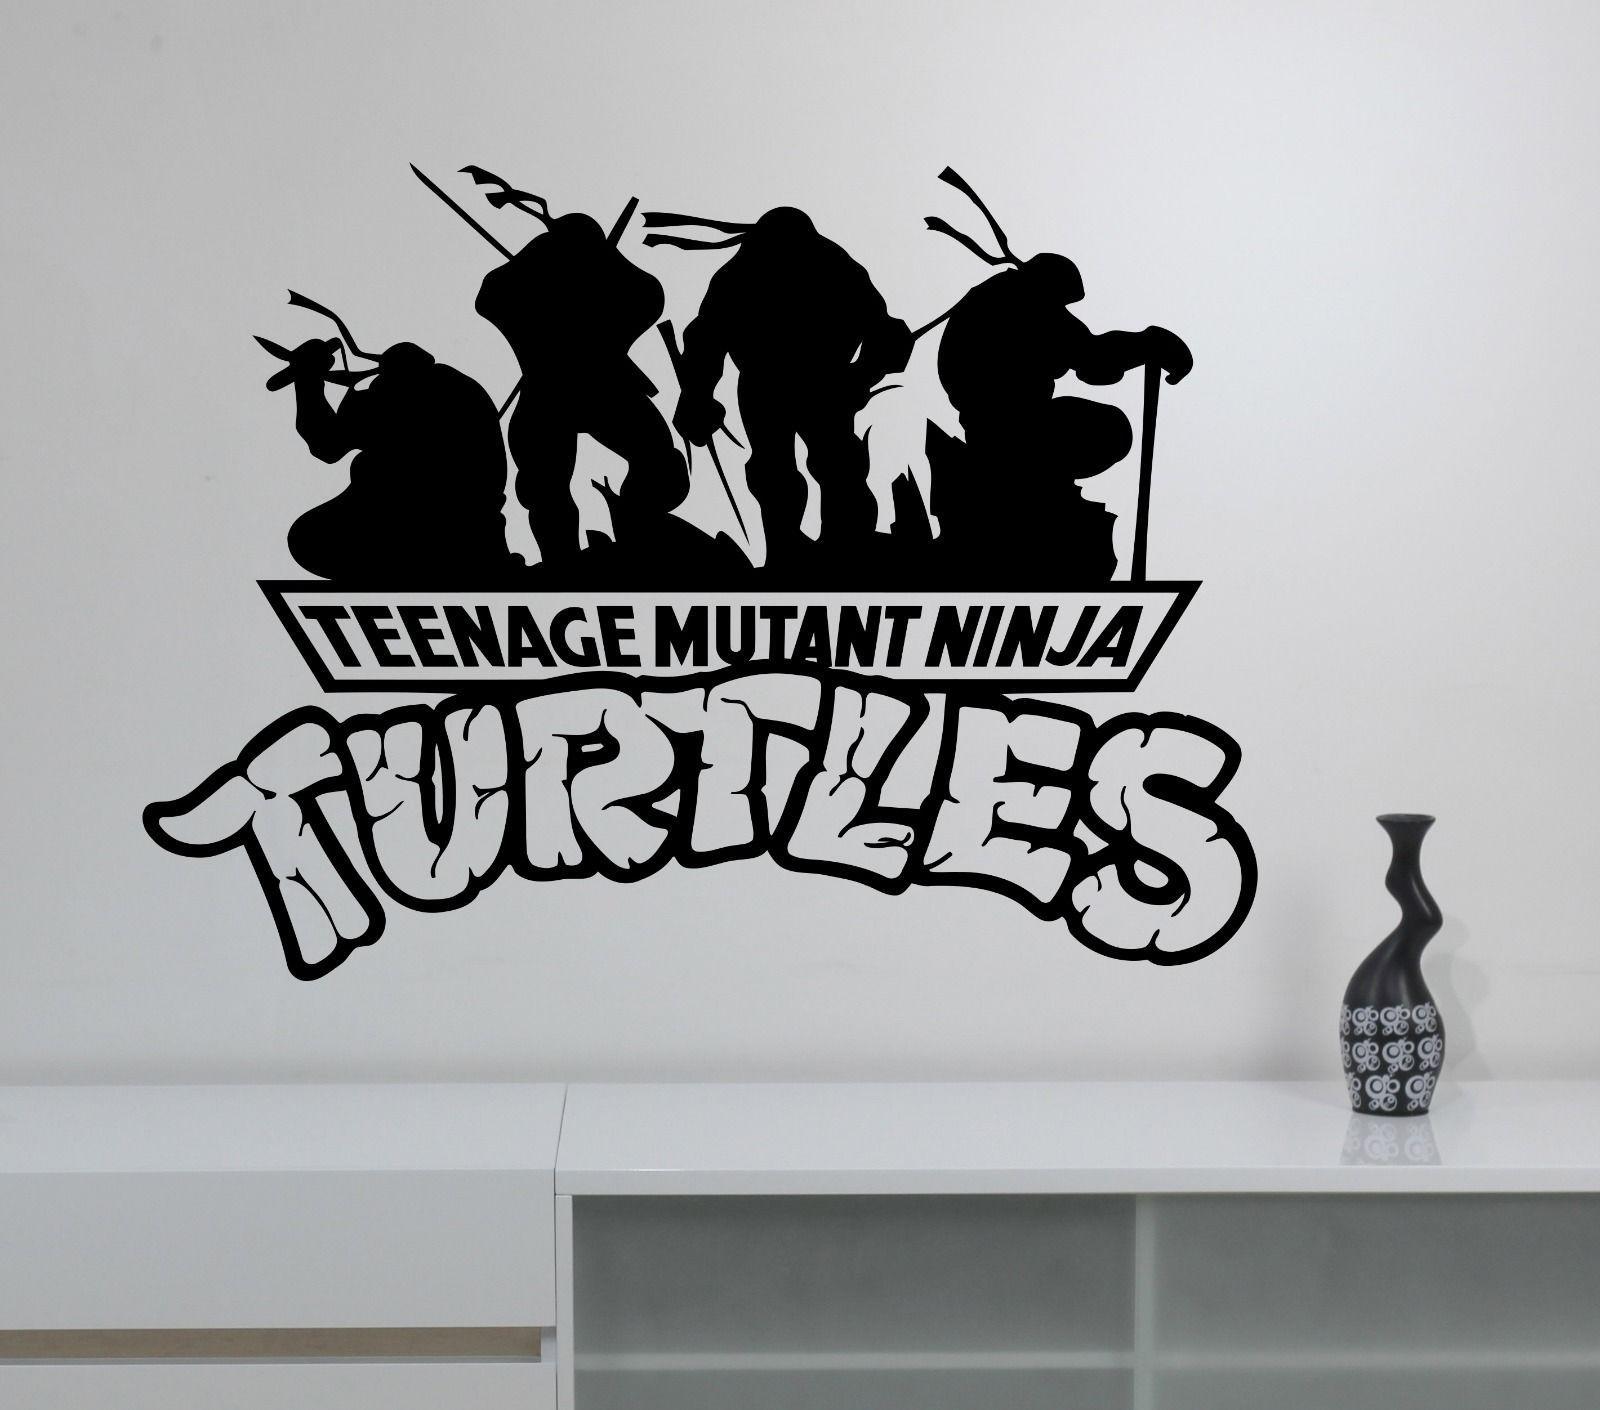 Ninja turtles wall decal superhero sticker vinyl art kids boys room